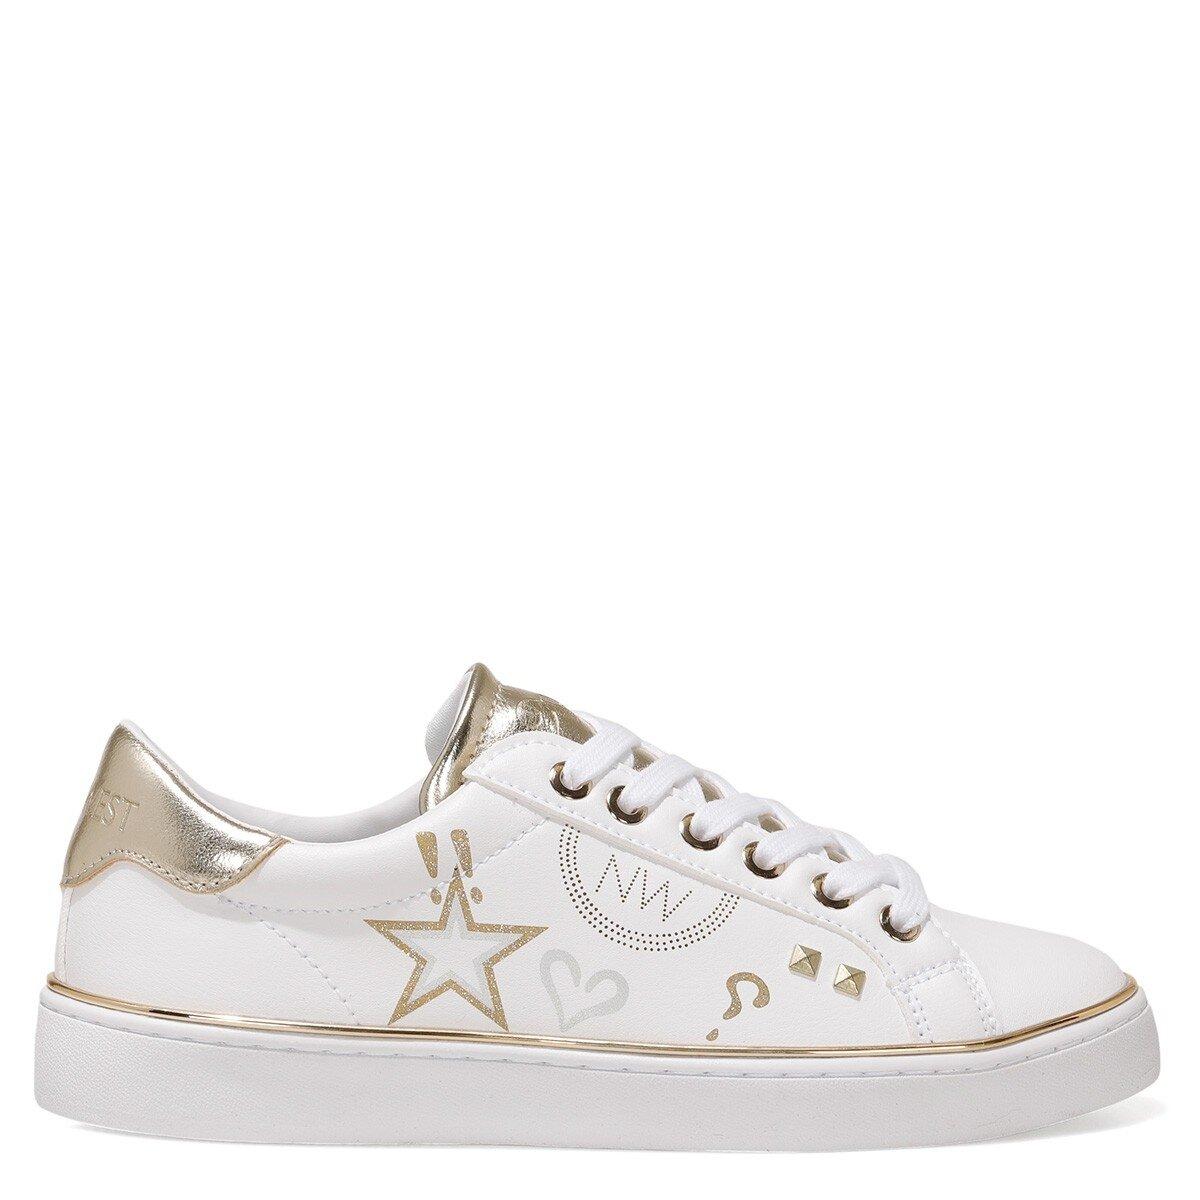 THYLLE 1FX Beyaz Kadın Spor Ayakkabı